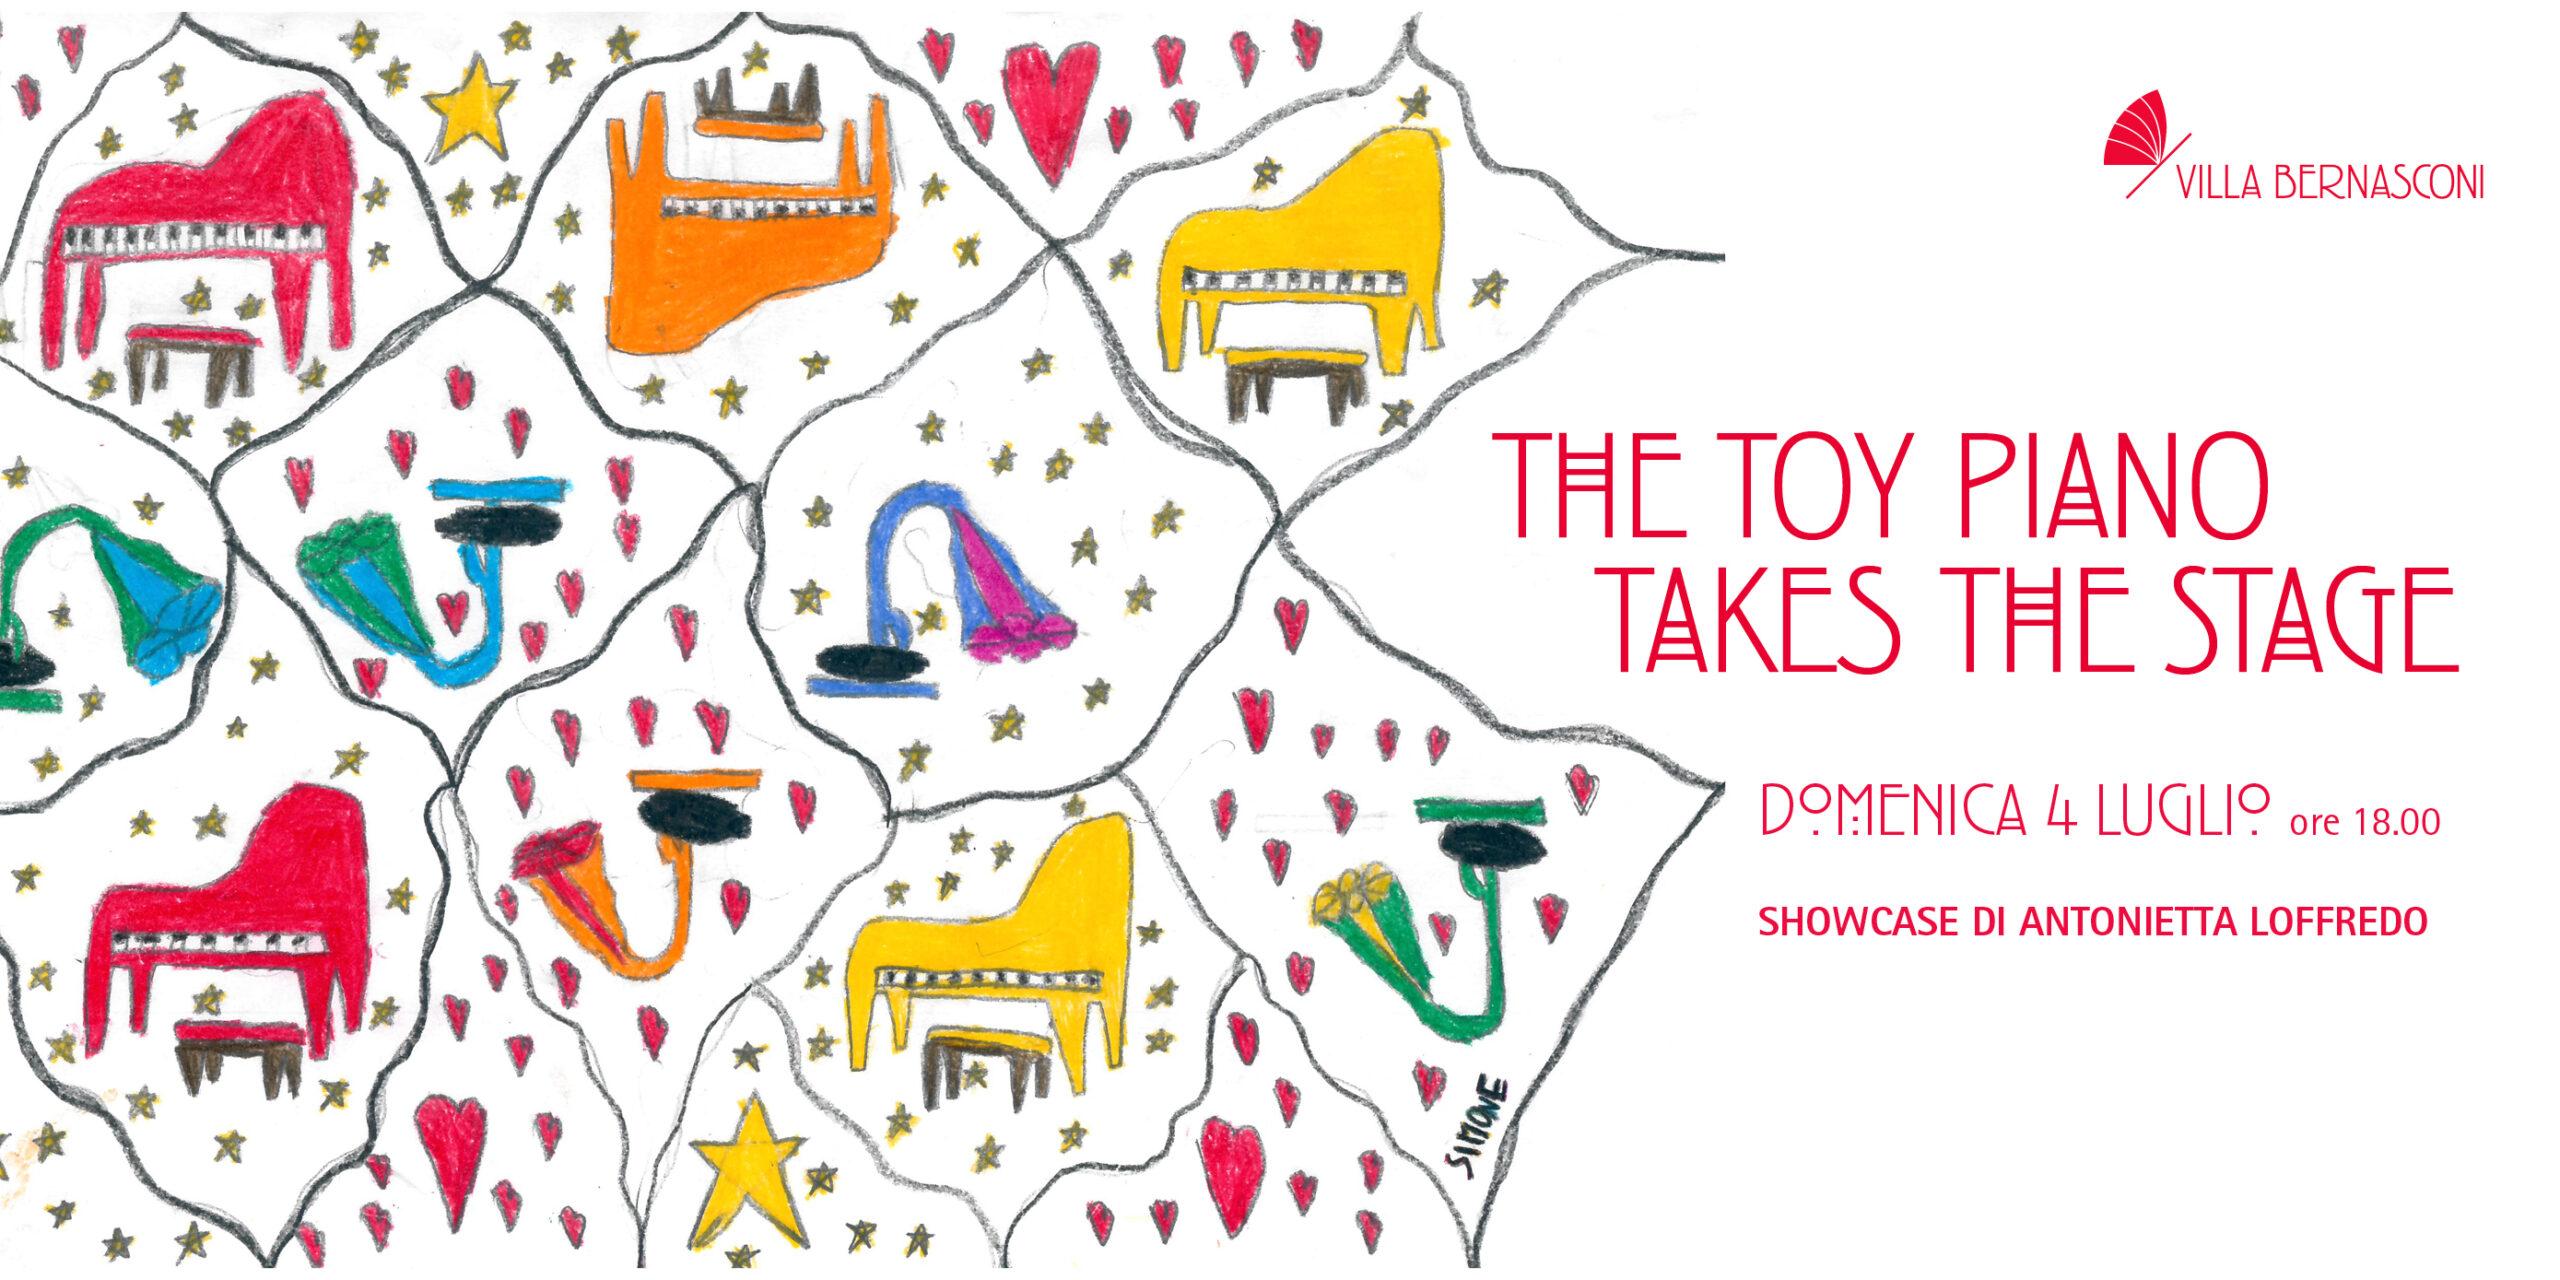 """""""THE TOY PIANO TAKES THE STAGE"""": SHOWCASE DI ANTONIETTA LOFFREDO"""